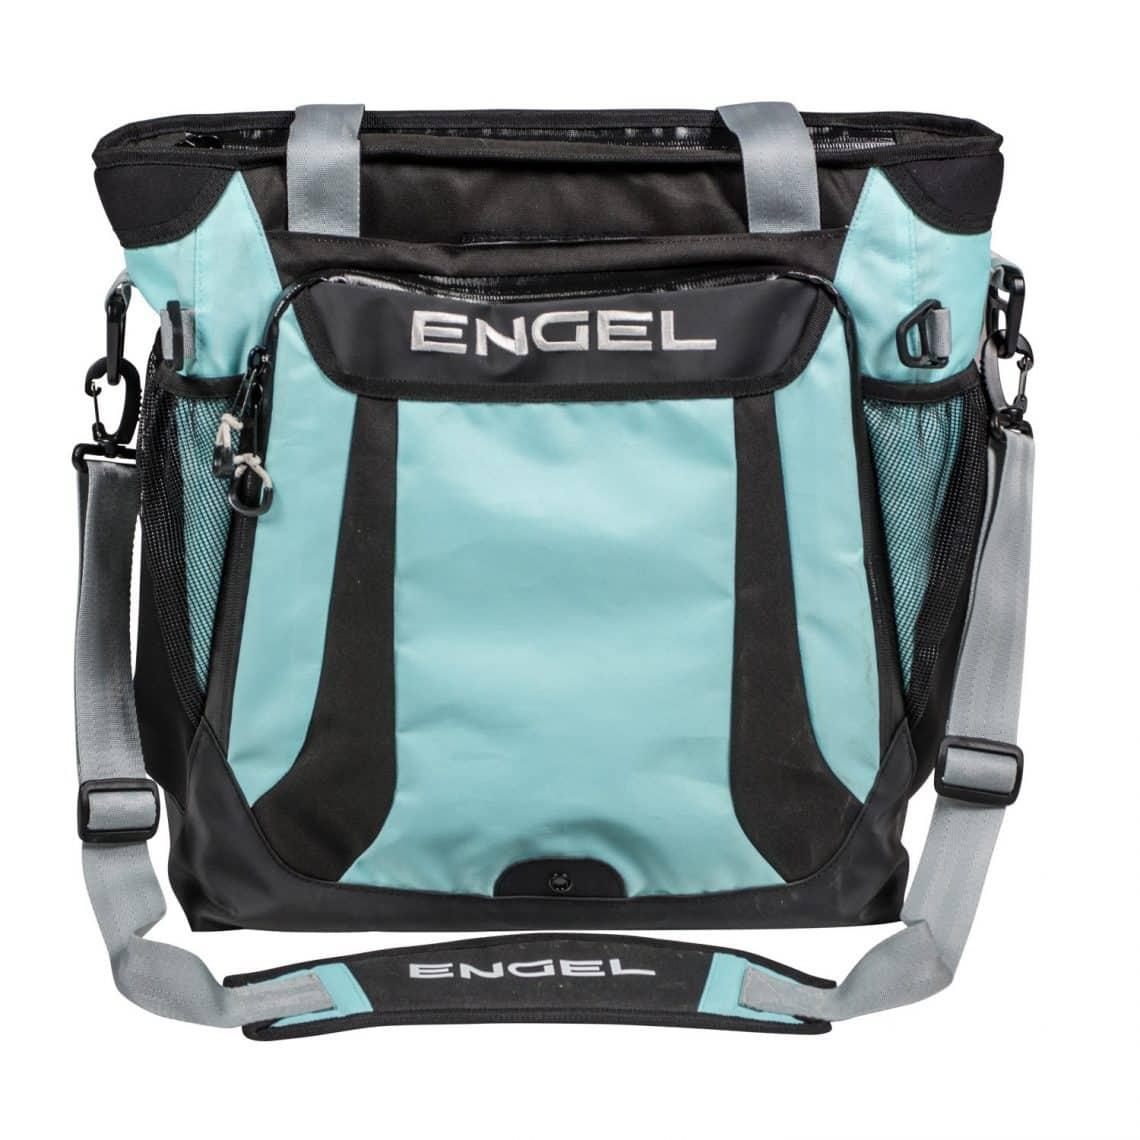 engel seafoam backpack cooler northwoods wholesale outlet. Black Bedroom Furniture Sets. Home Design Ideas